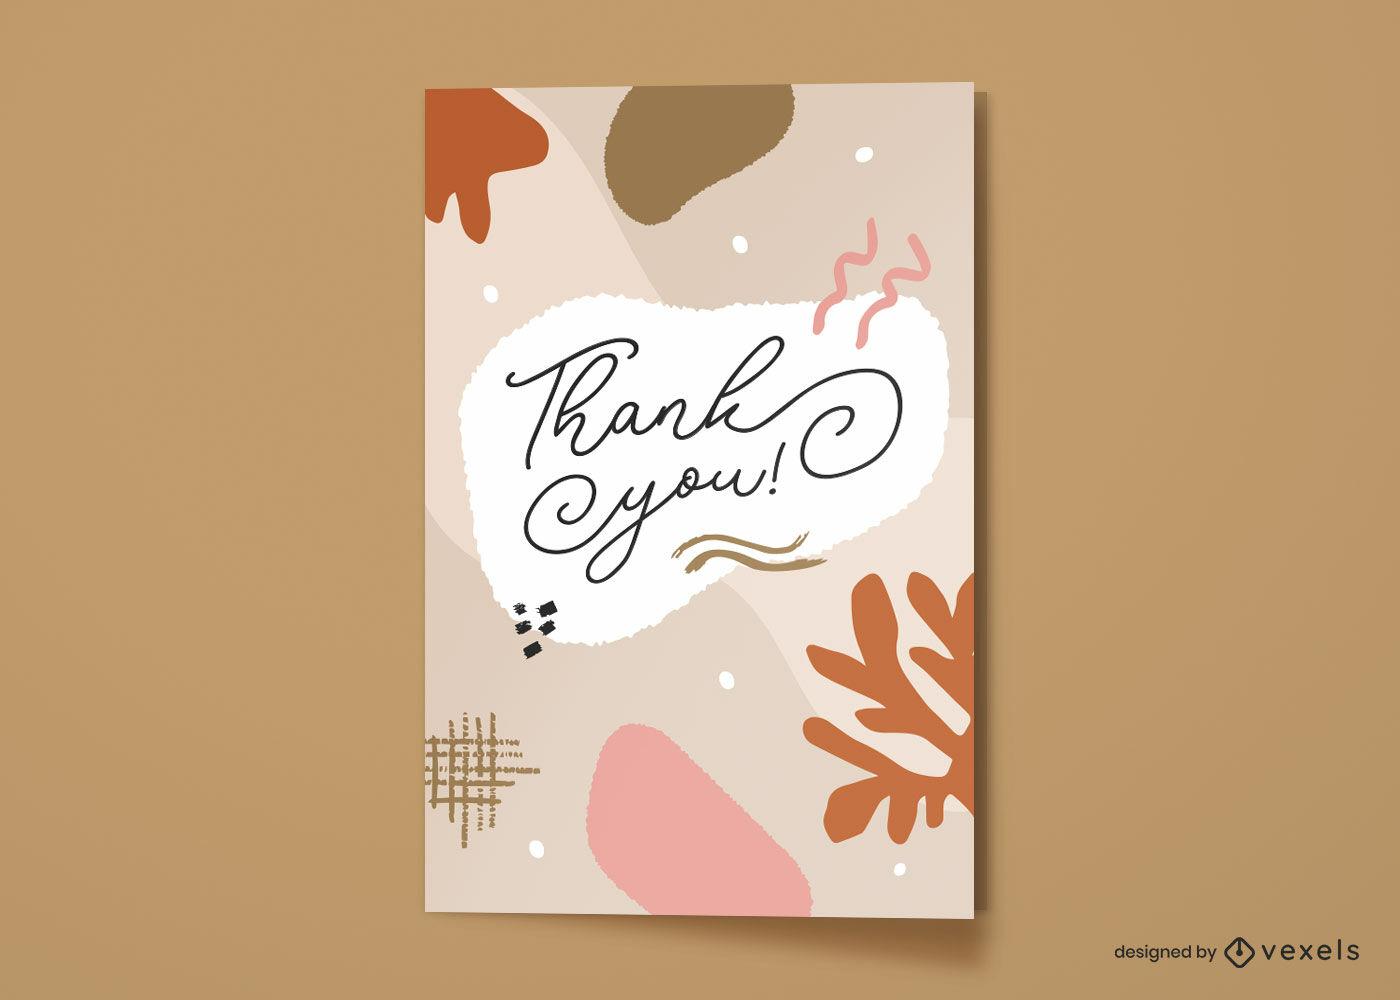 Gracias dise?o abstracto de la tarjeta de felicitaci?n